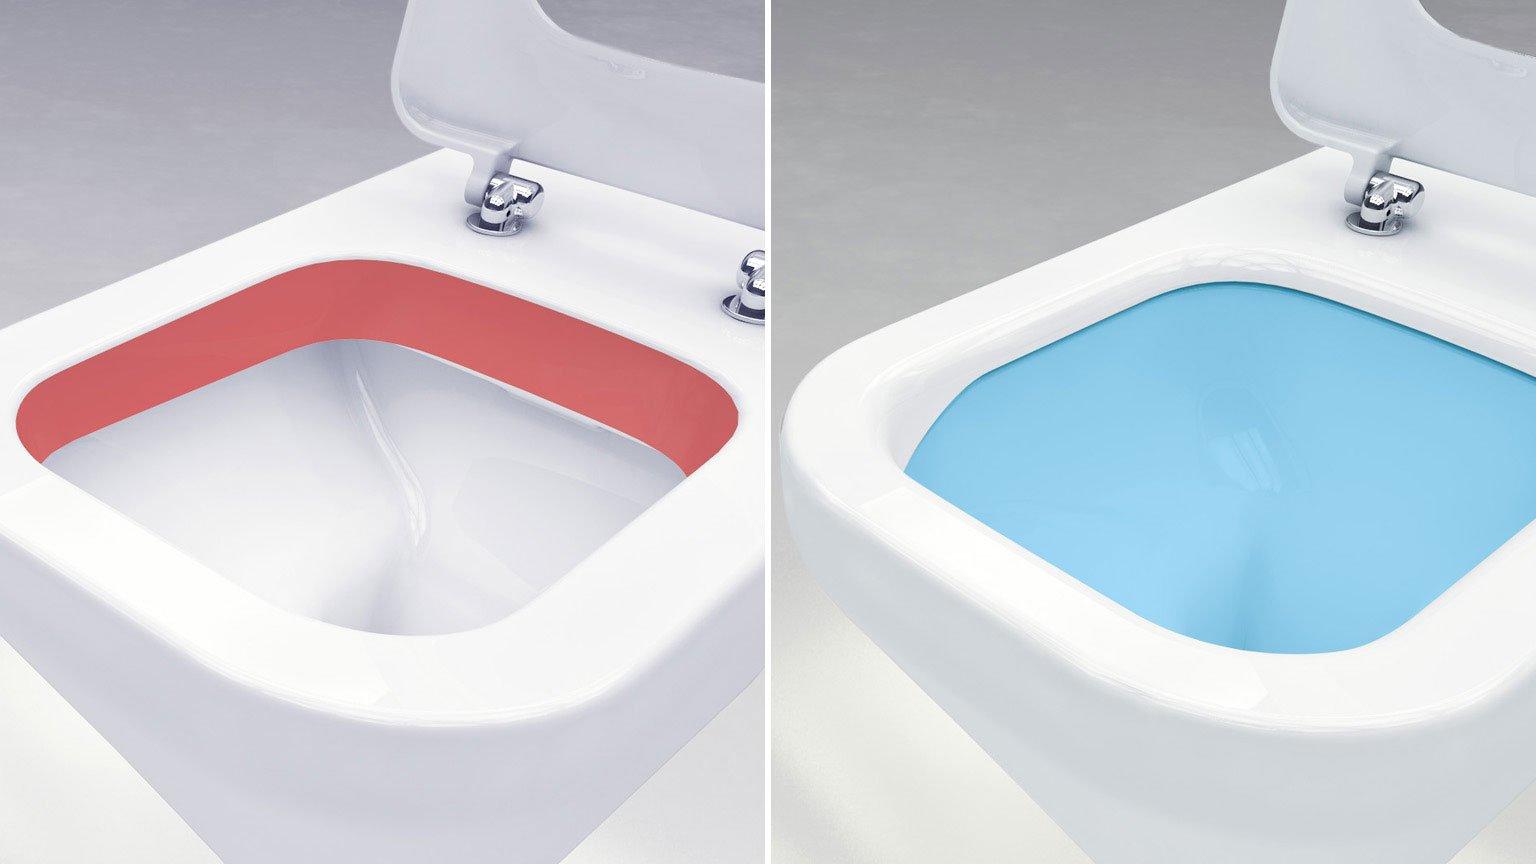 Water Con Bidet Incorporato Ideal Standard.Water Con Bidet Incorporato Ideal Standard Affordable Vaso Sospeso